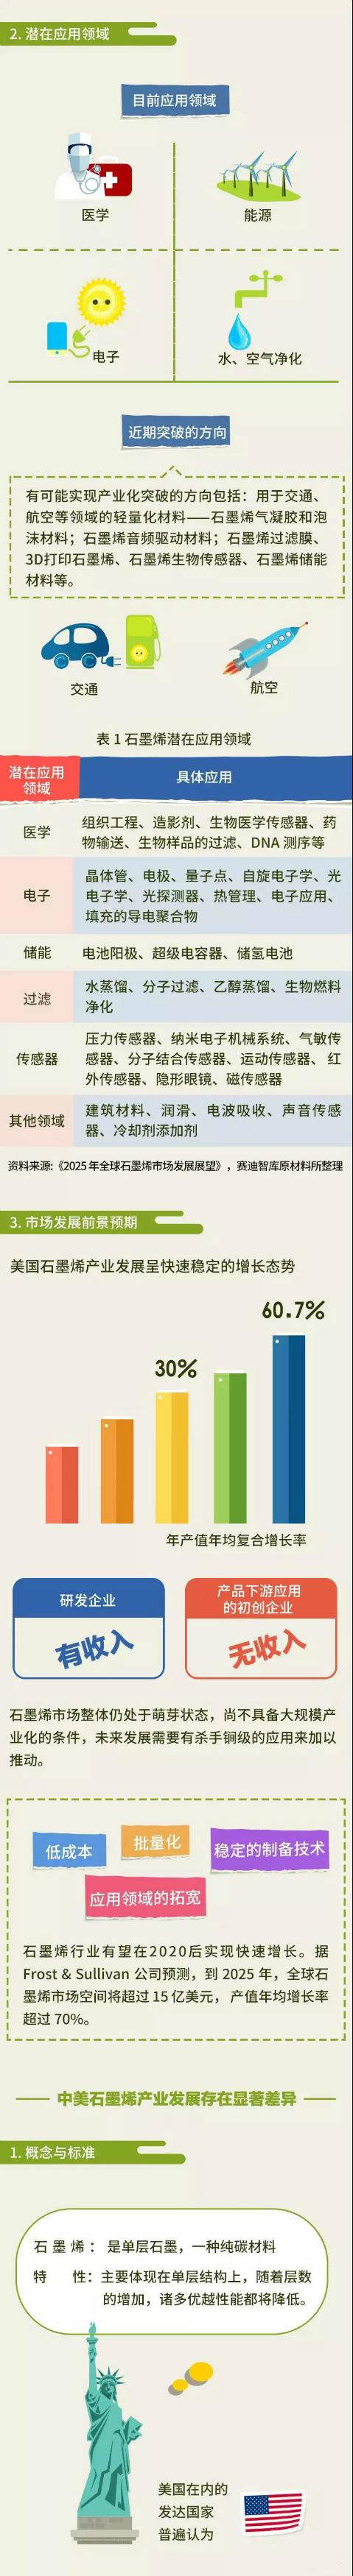 中美石墨烯产业发展的六大显著差异